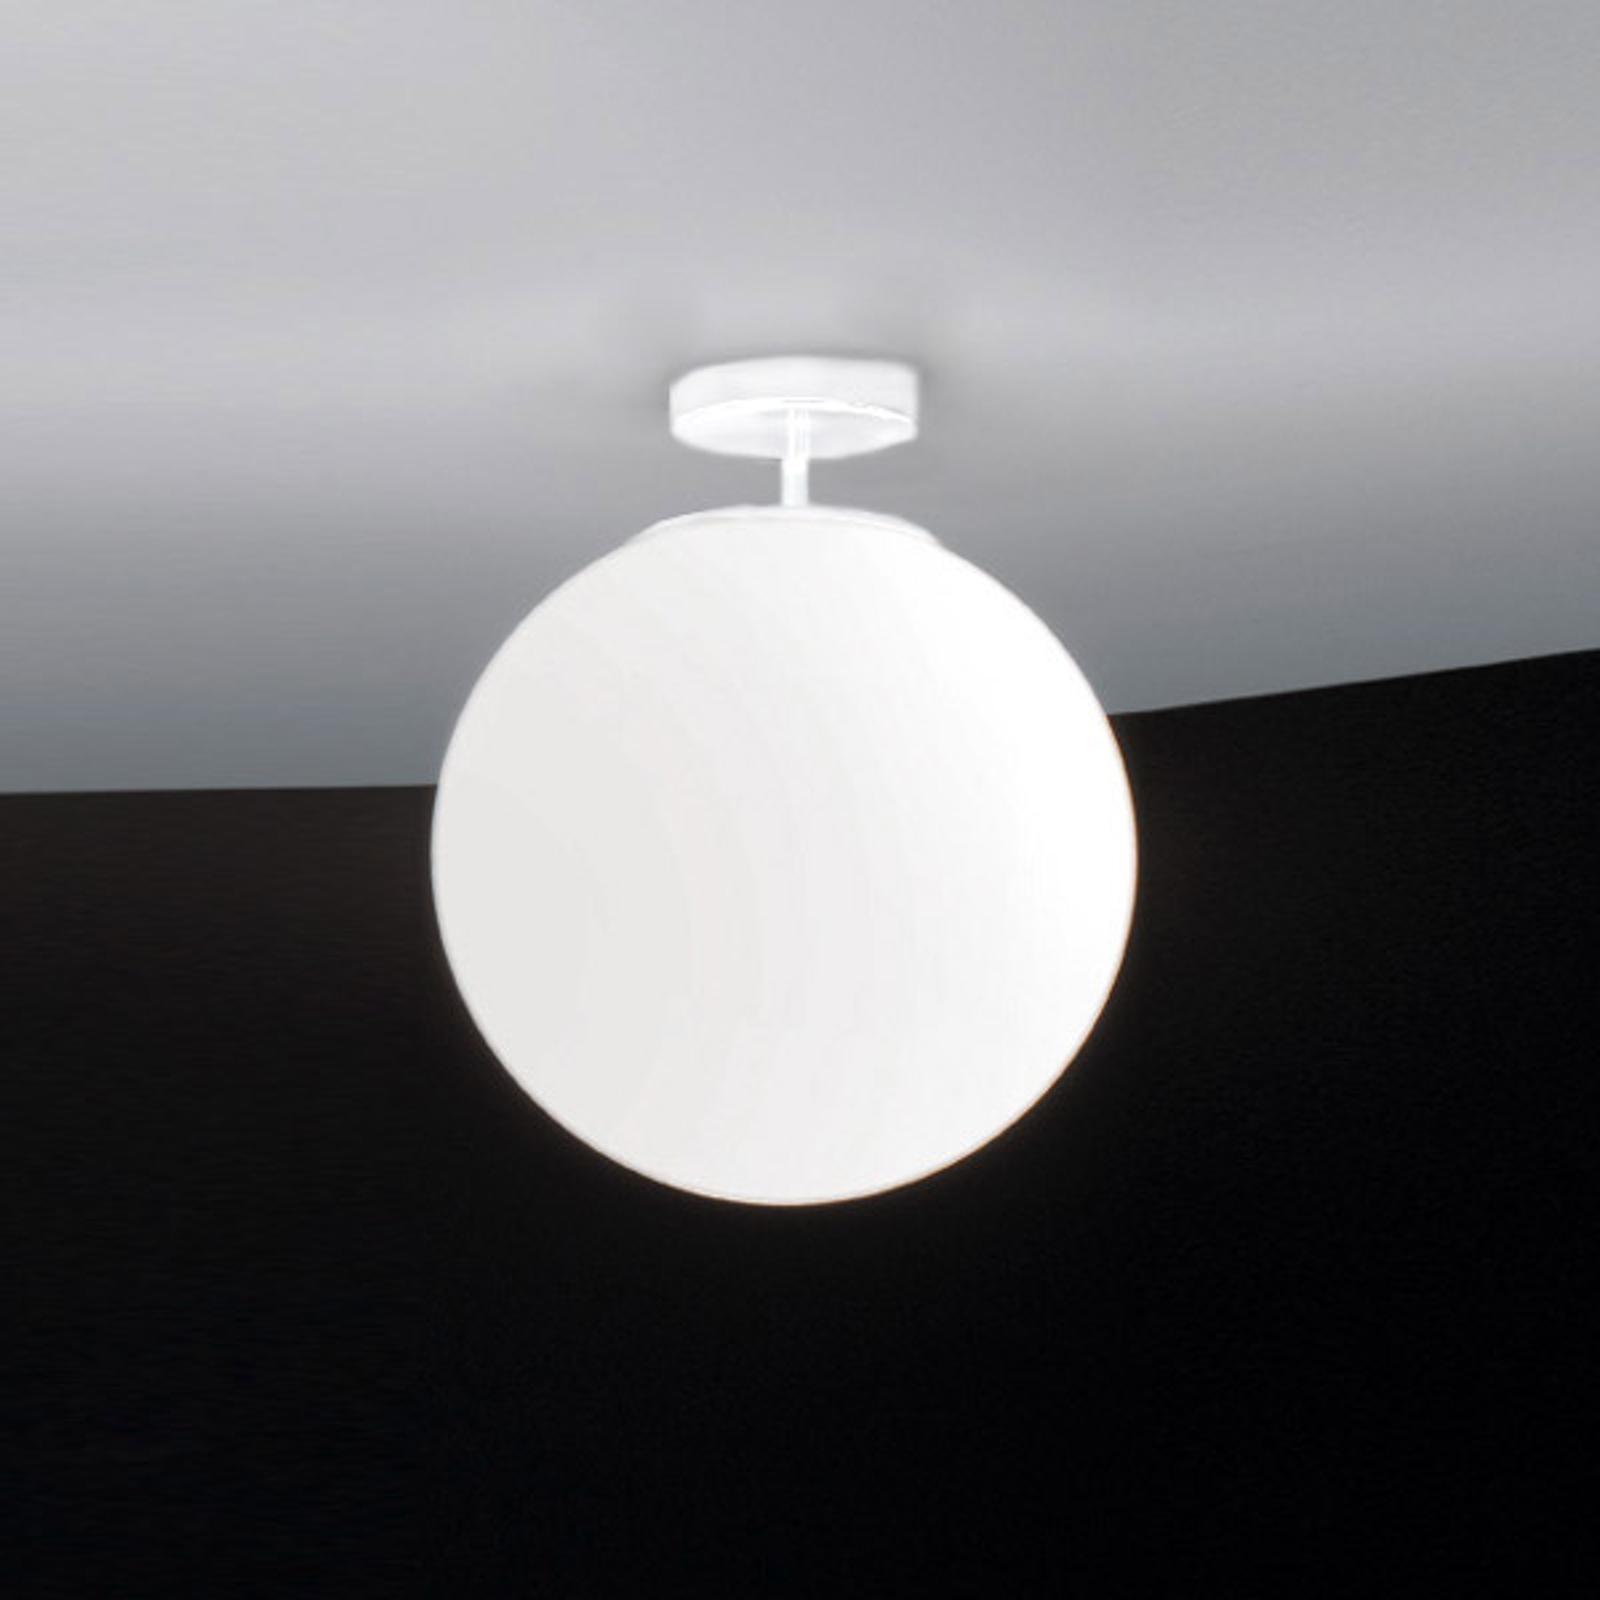 Sklenené stropné svietidlo Sferis, 30cm, biele